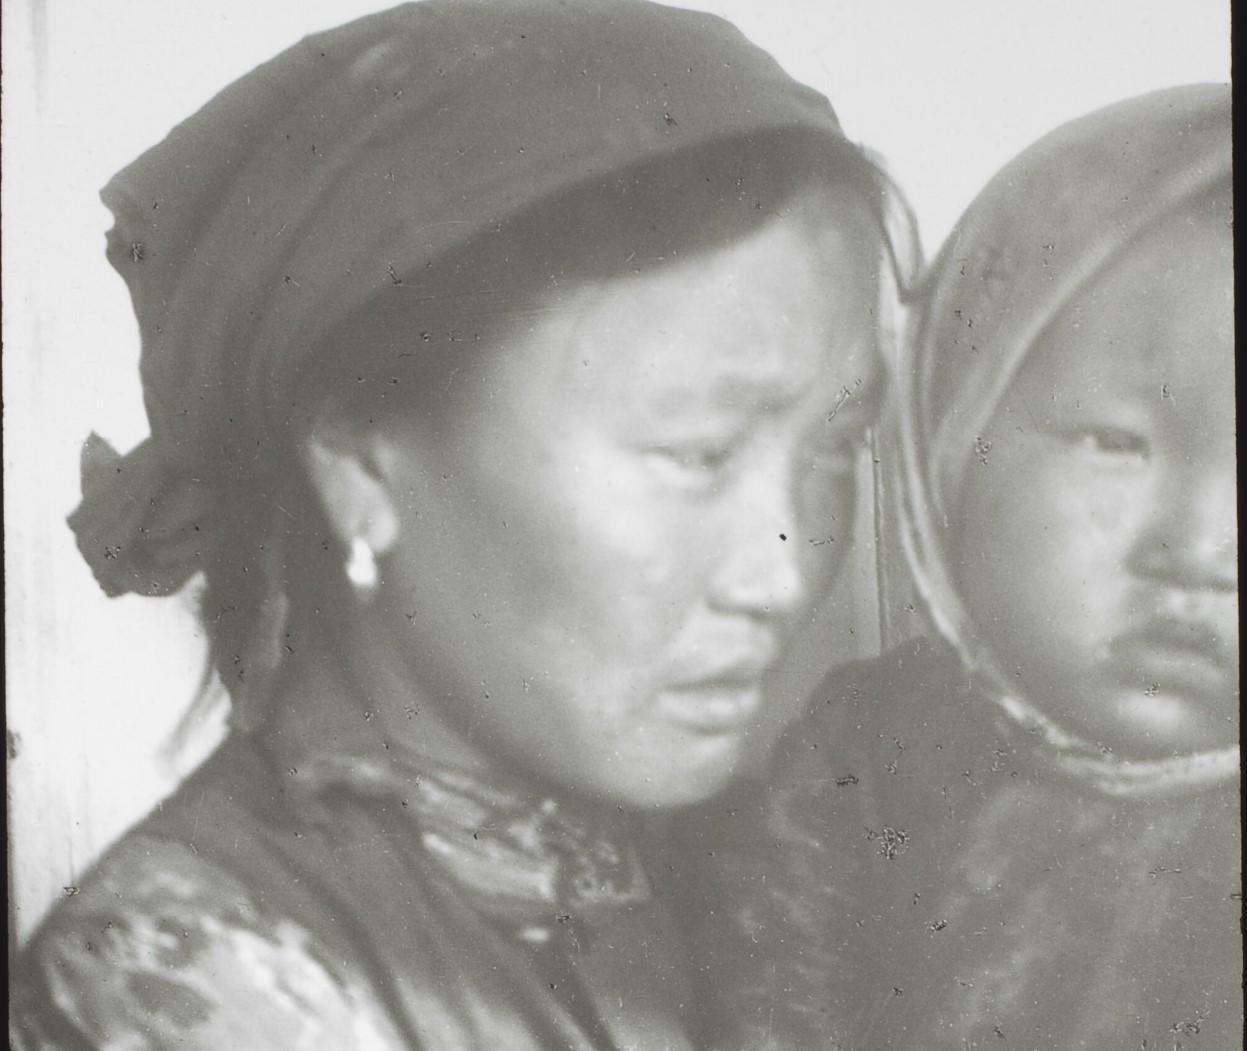 Якутская область. Якутка 27 лет из Олекминского района и ее двухлетний ребенок